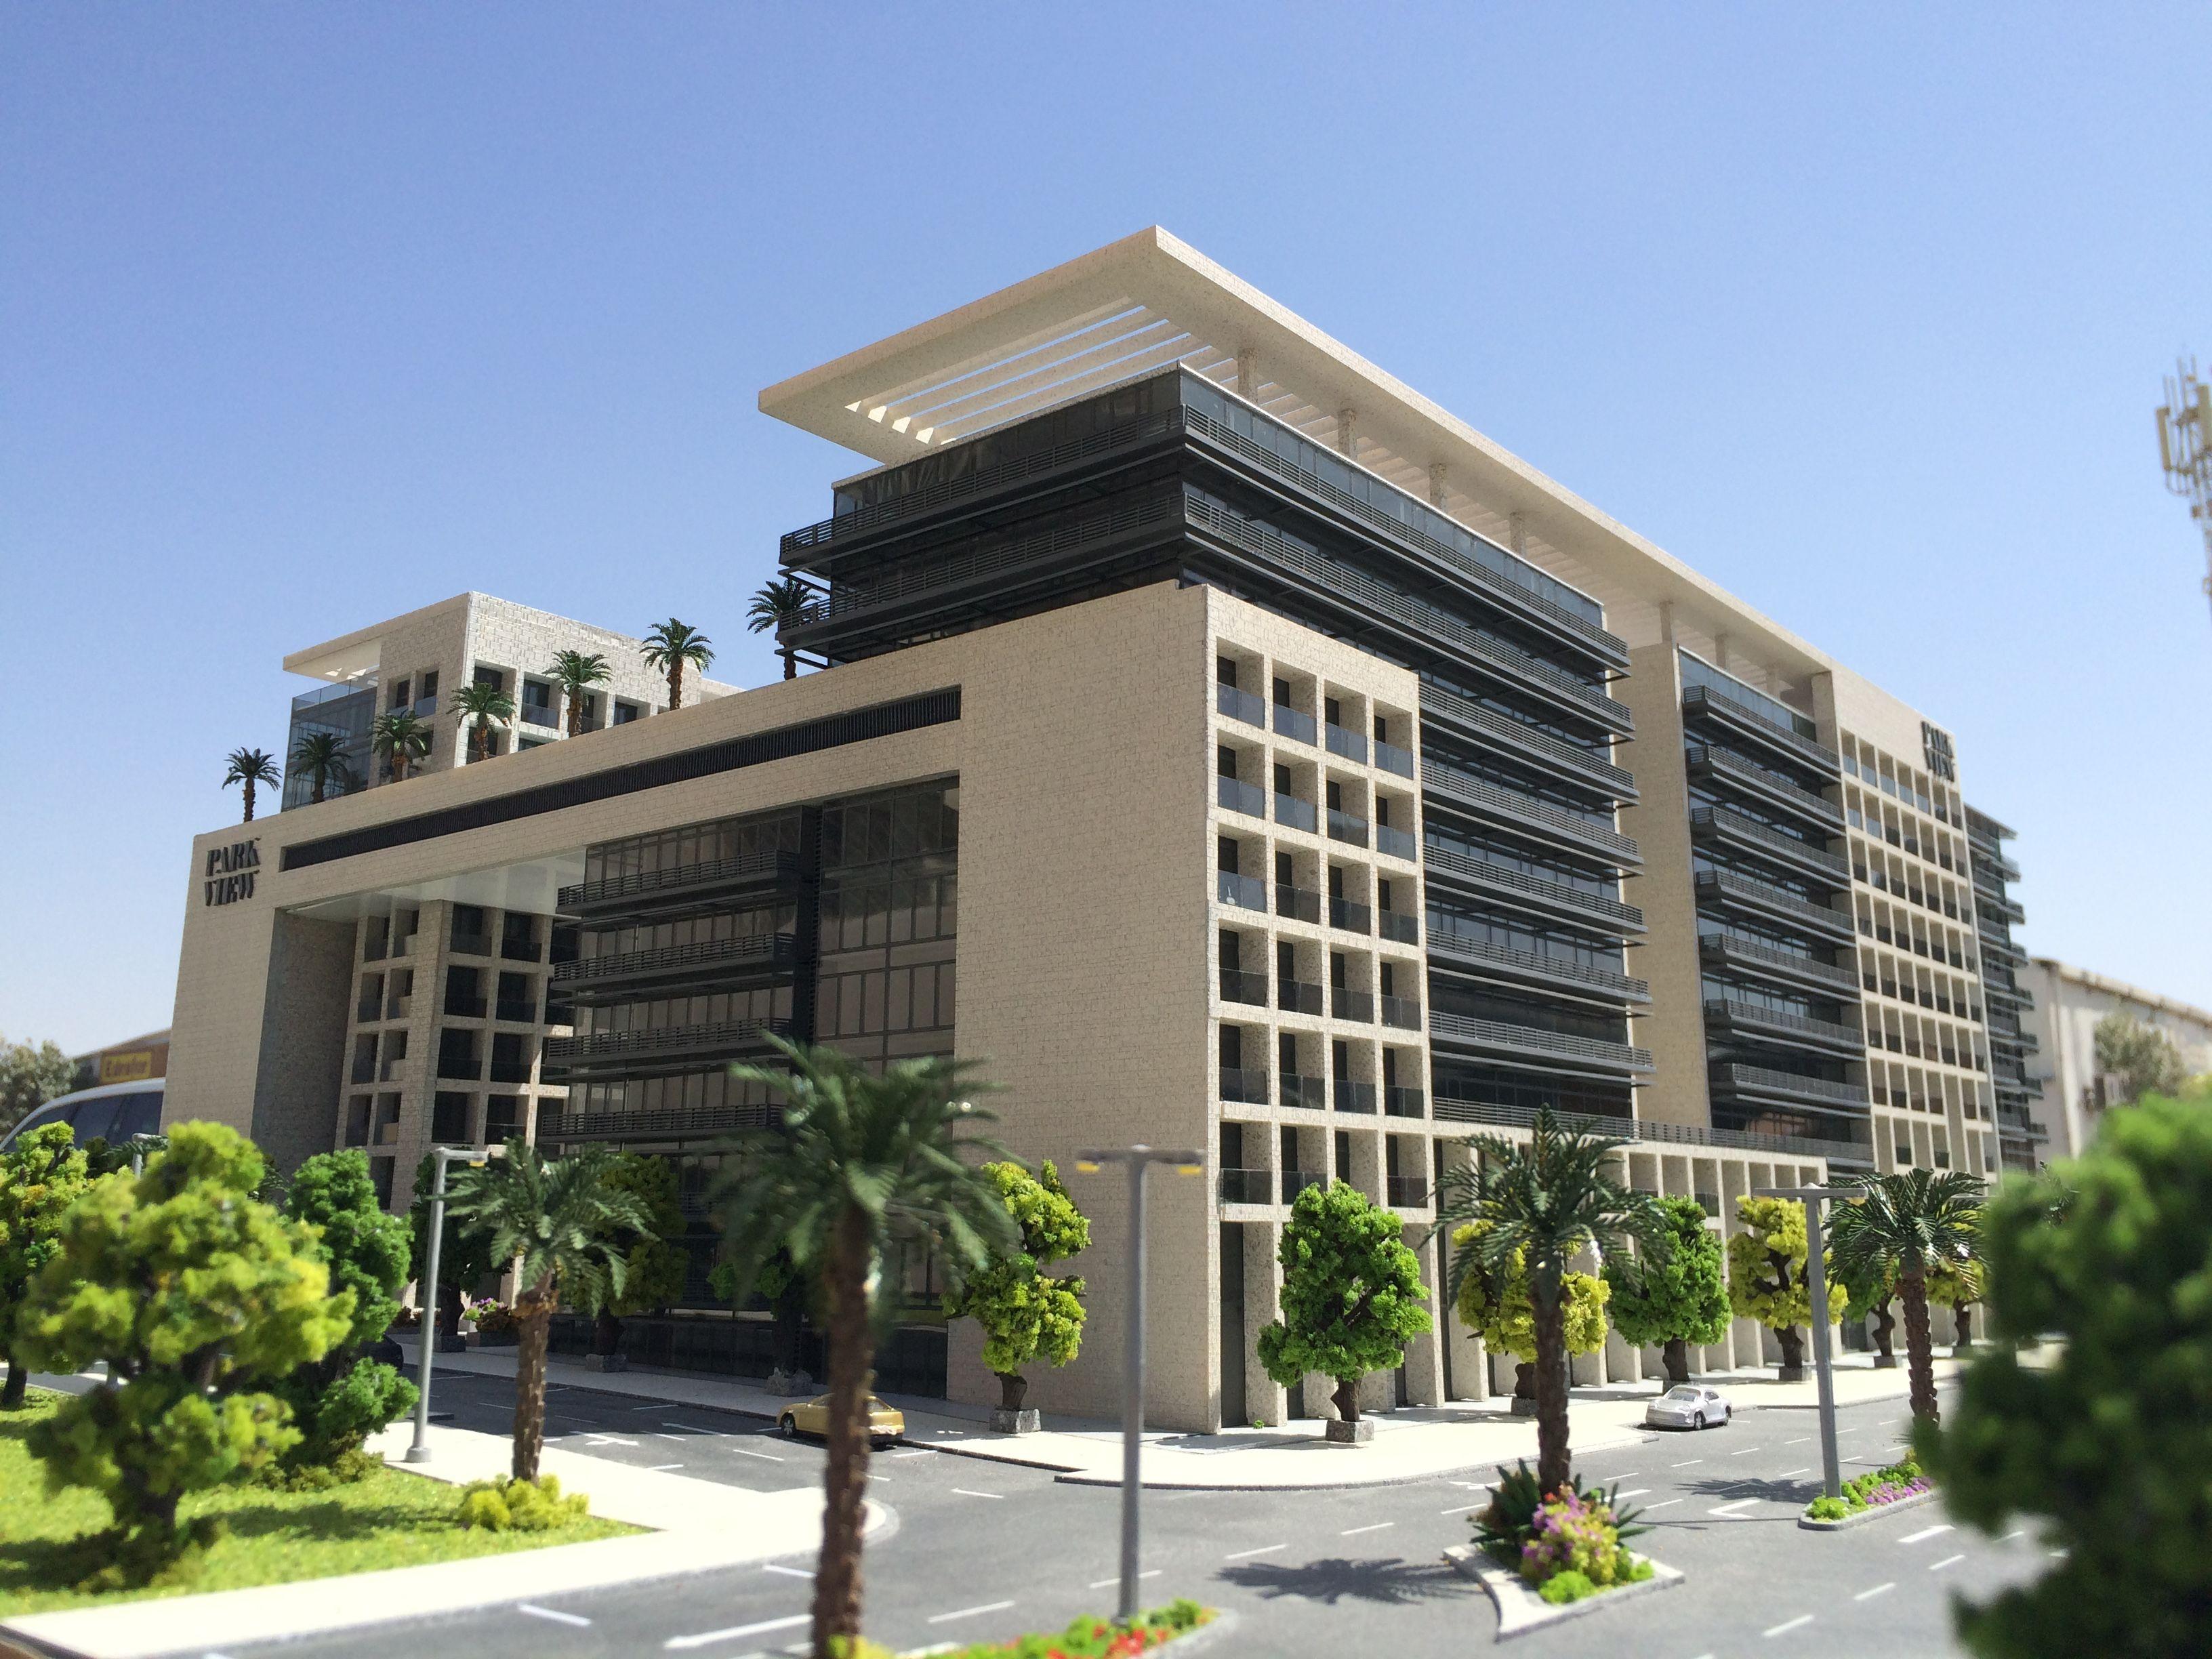 Parkview Apartments Scale 1 150 Architecture Building Exterior